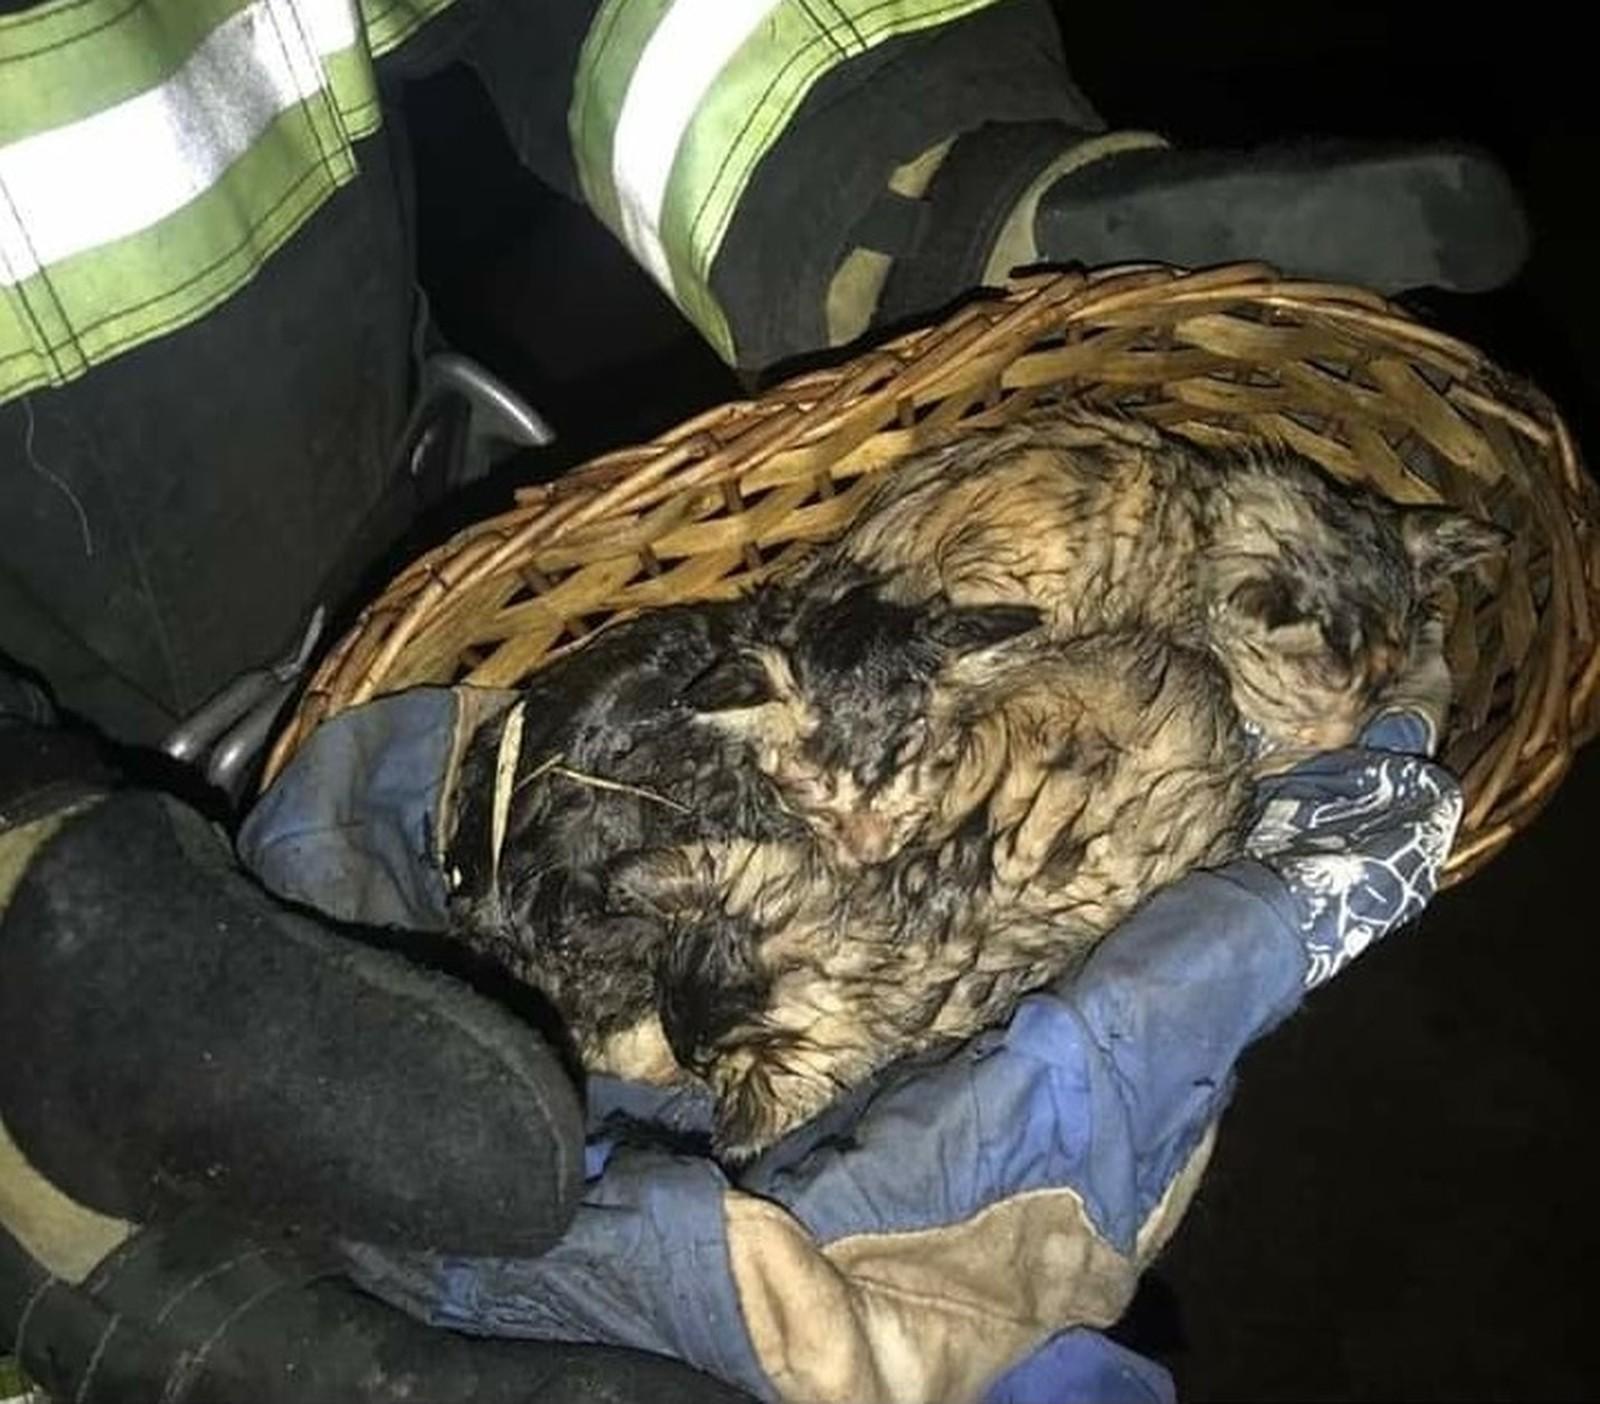 Bombeiros resgatam três gatos de casa que pegou fogo em Paraguaçu Paulista — Foto: Corpo de Bombeiros/Divulgação